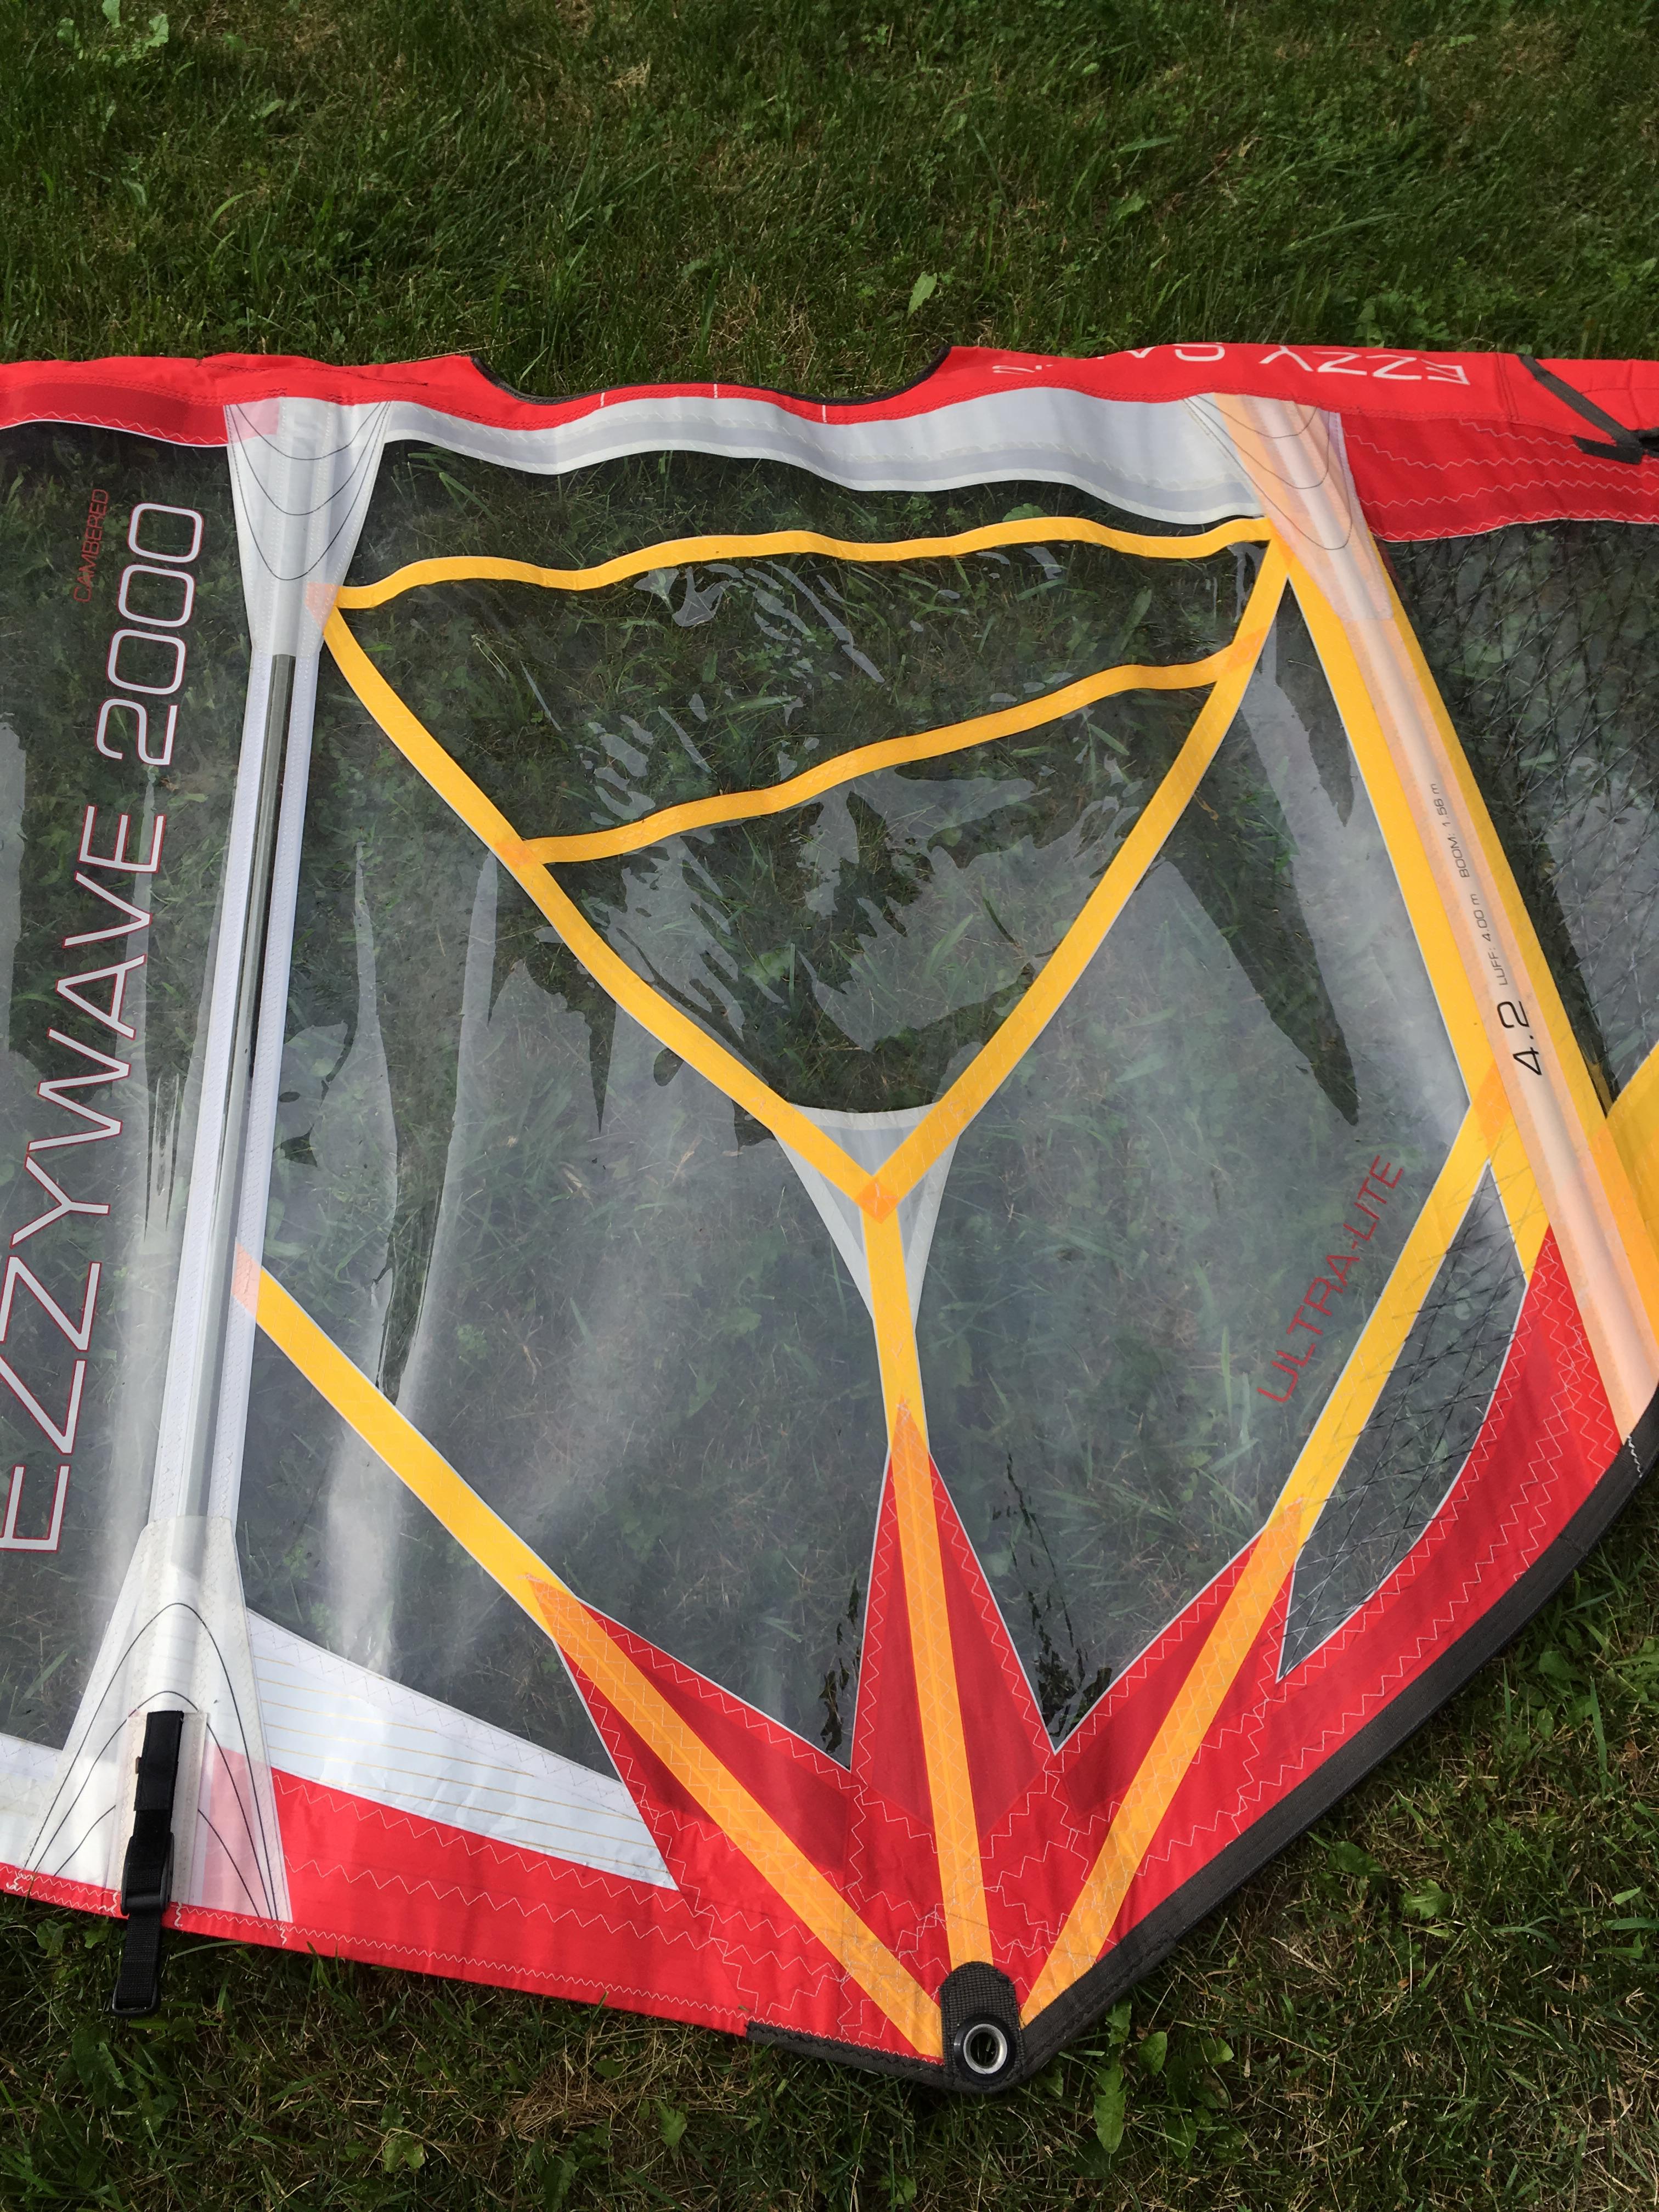 Ezzy 4.2 window